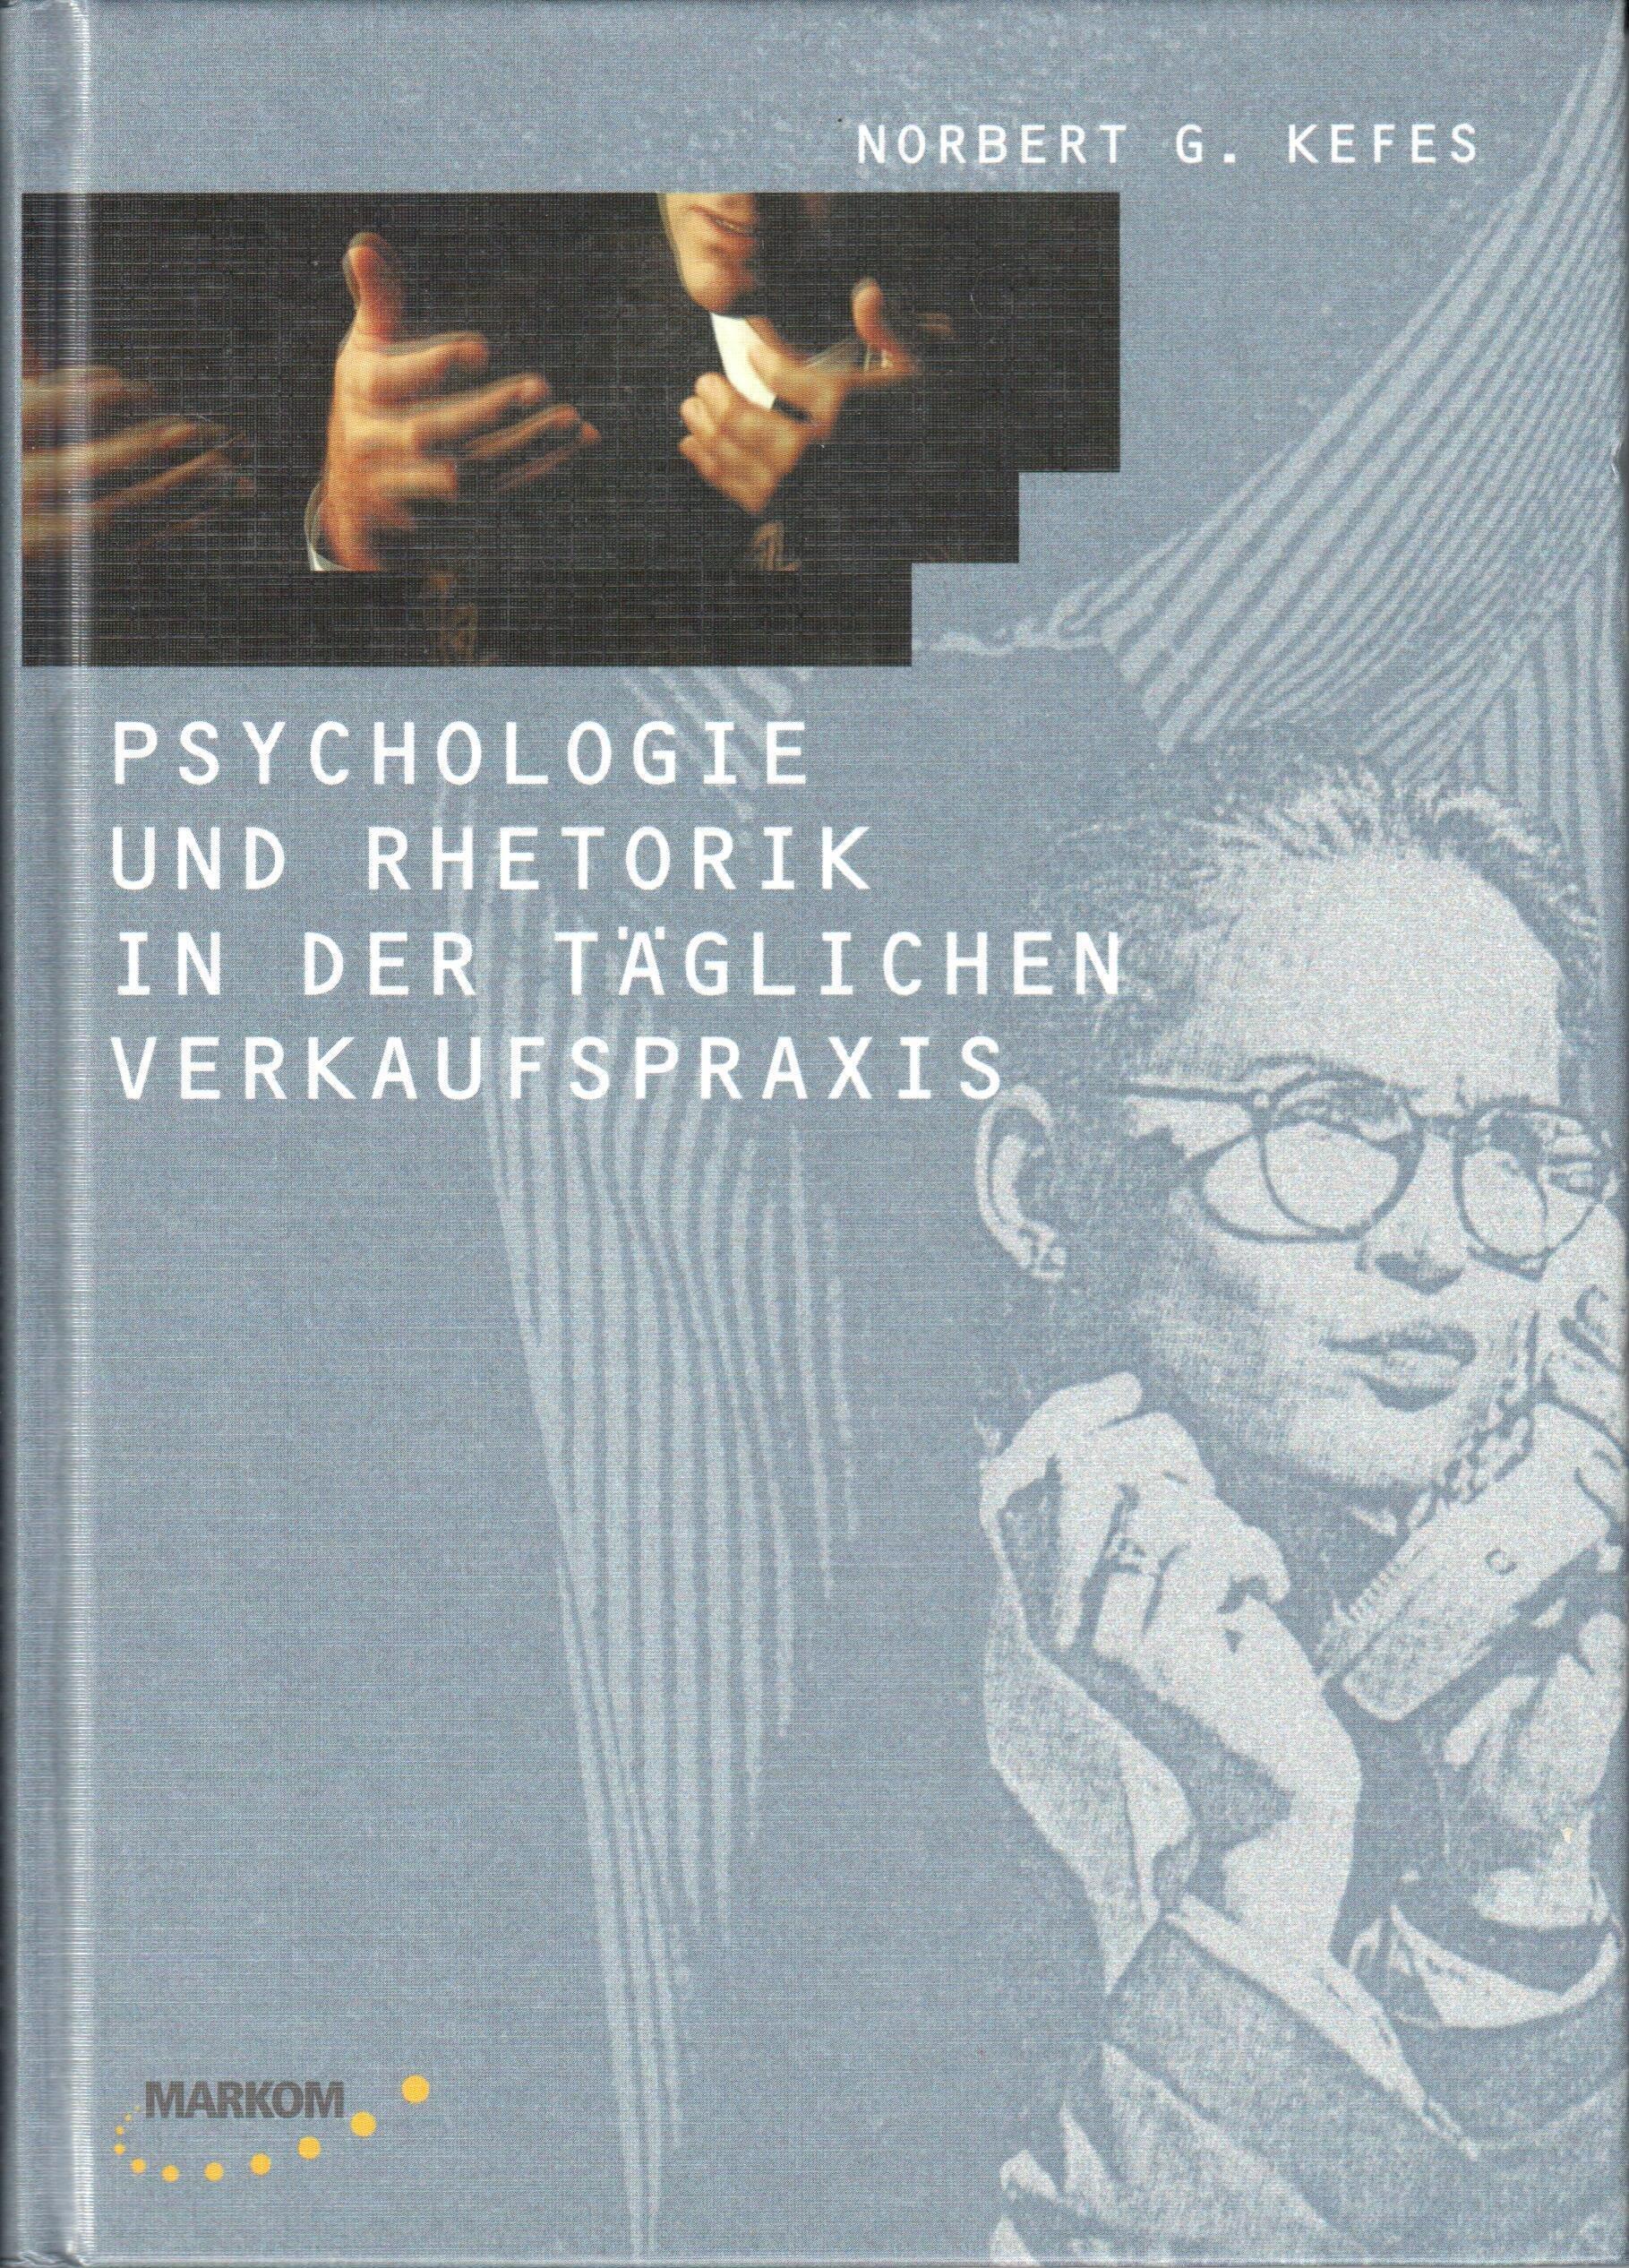 Psychologie und Rhetorik in der täglichen Verkaufspraxis